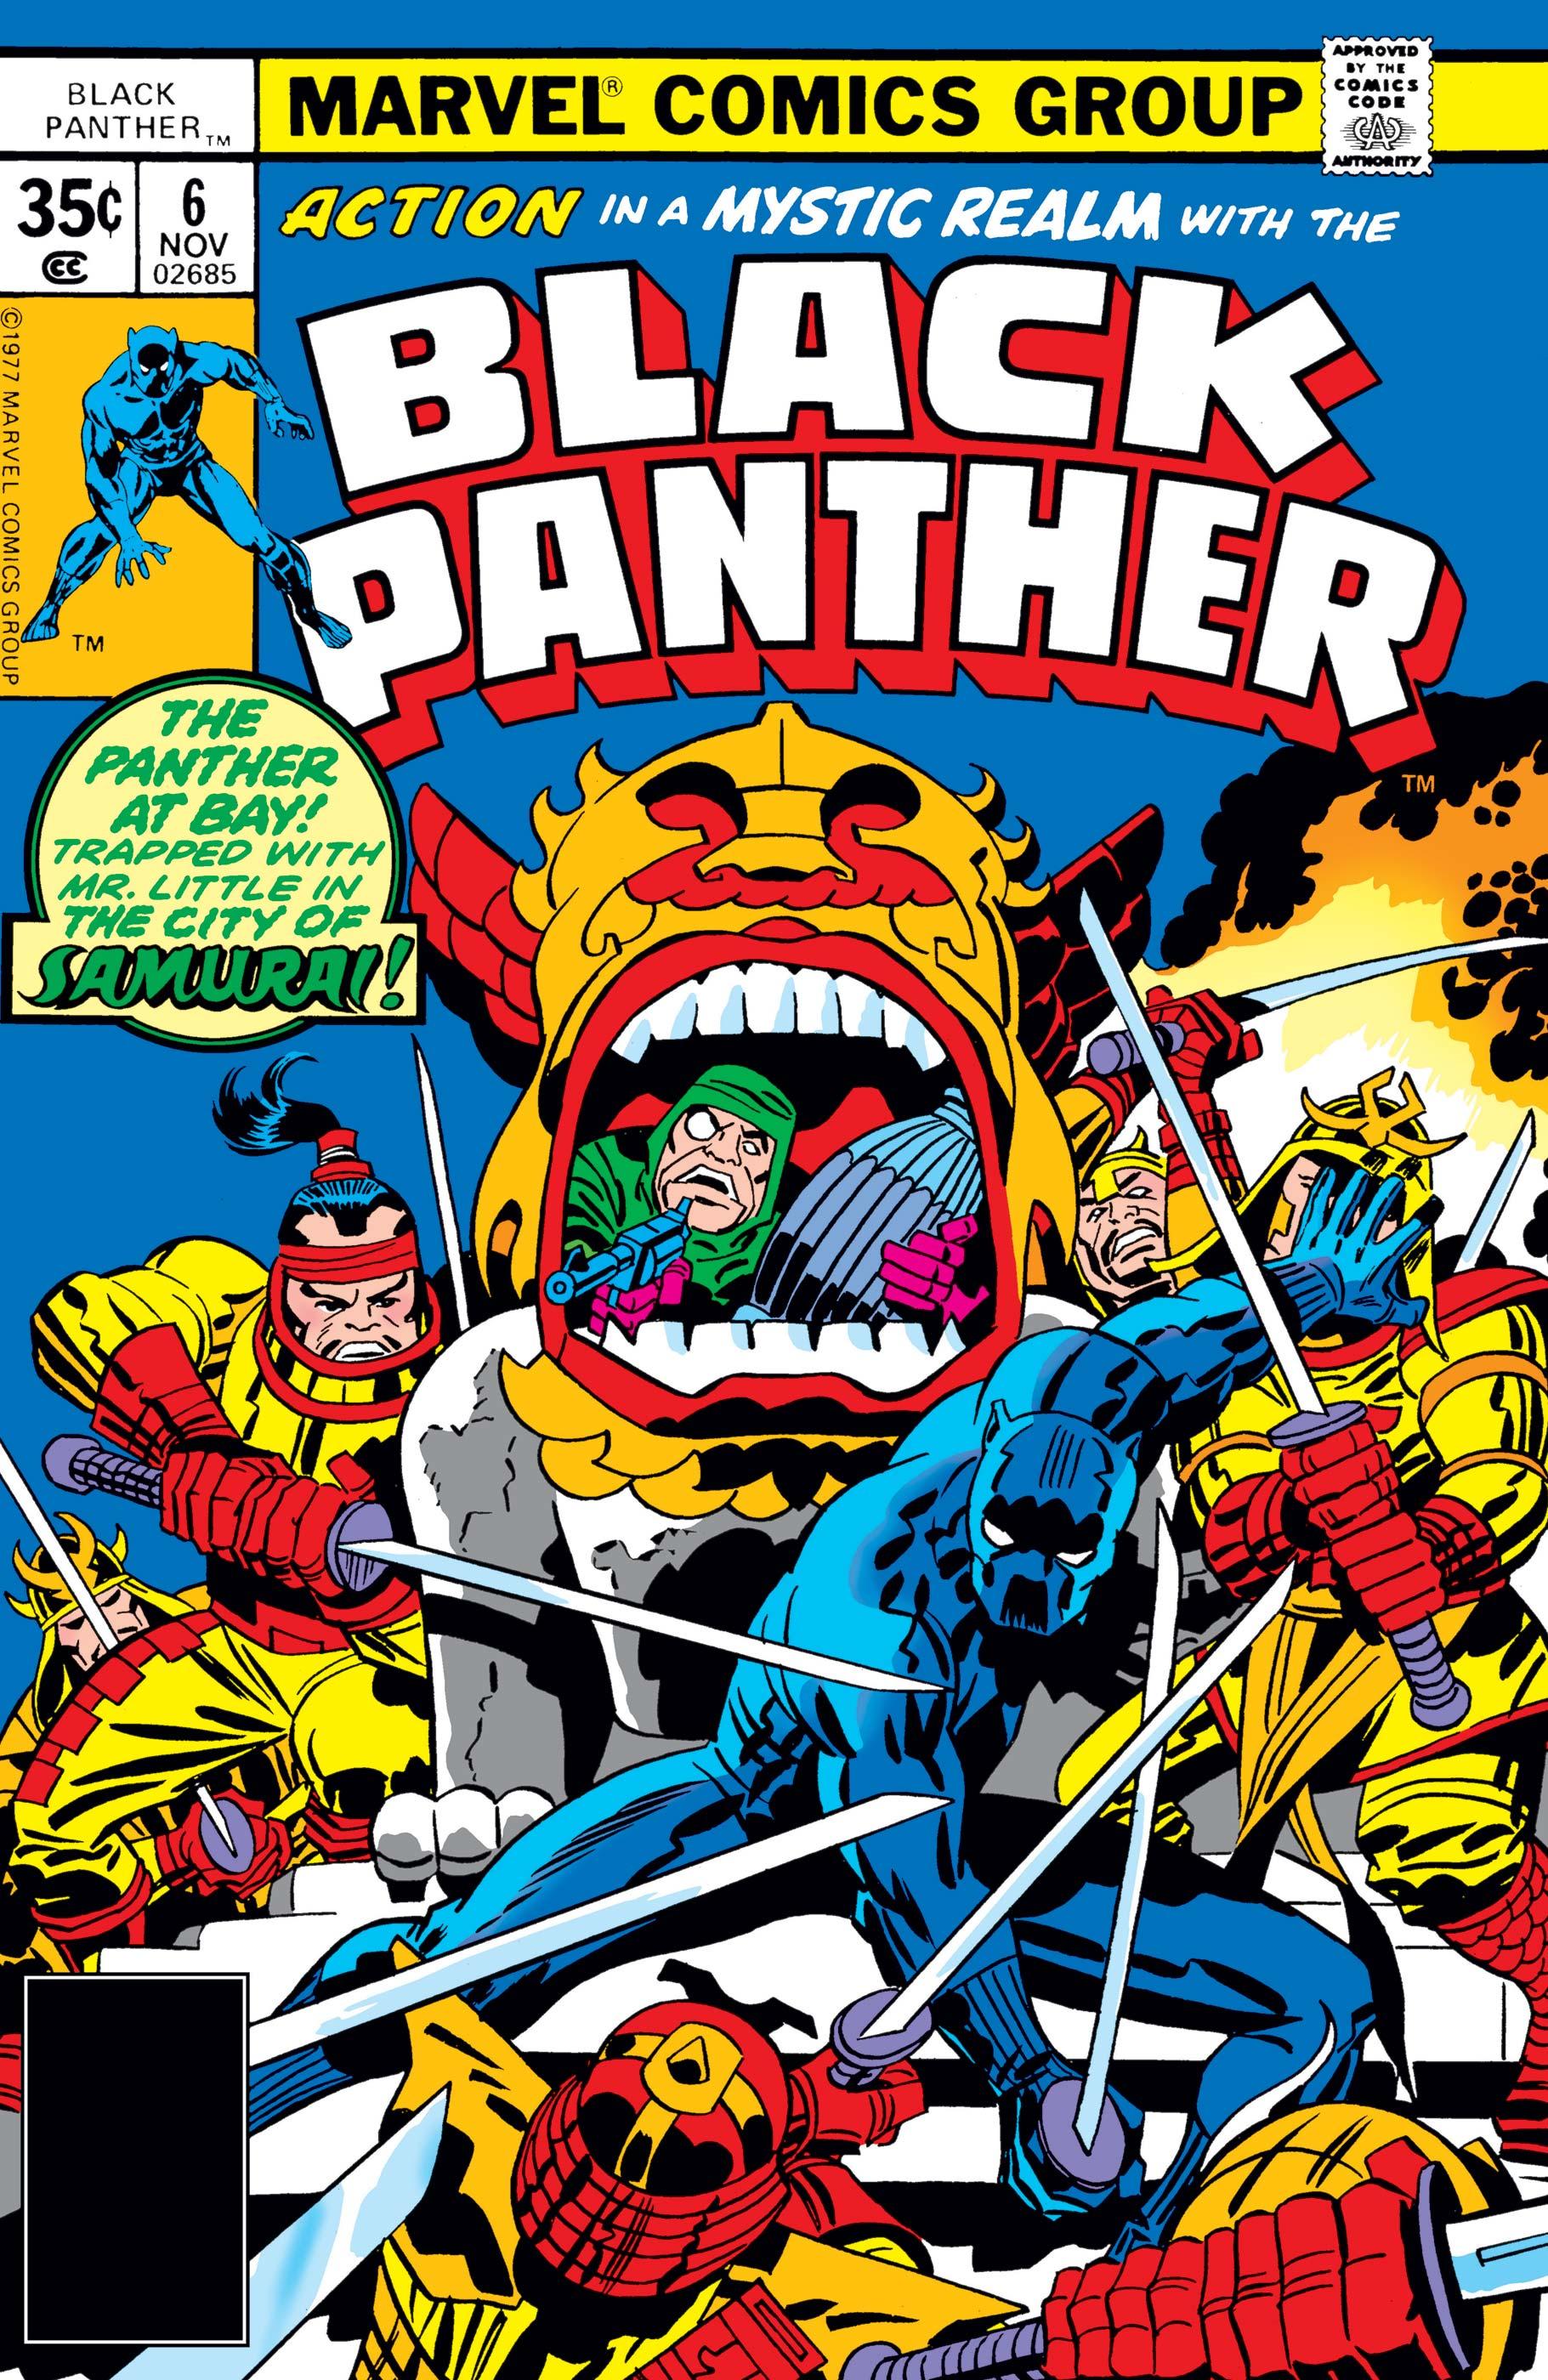 Black Panther (1977) #6